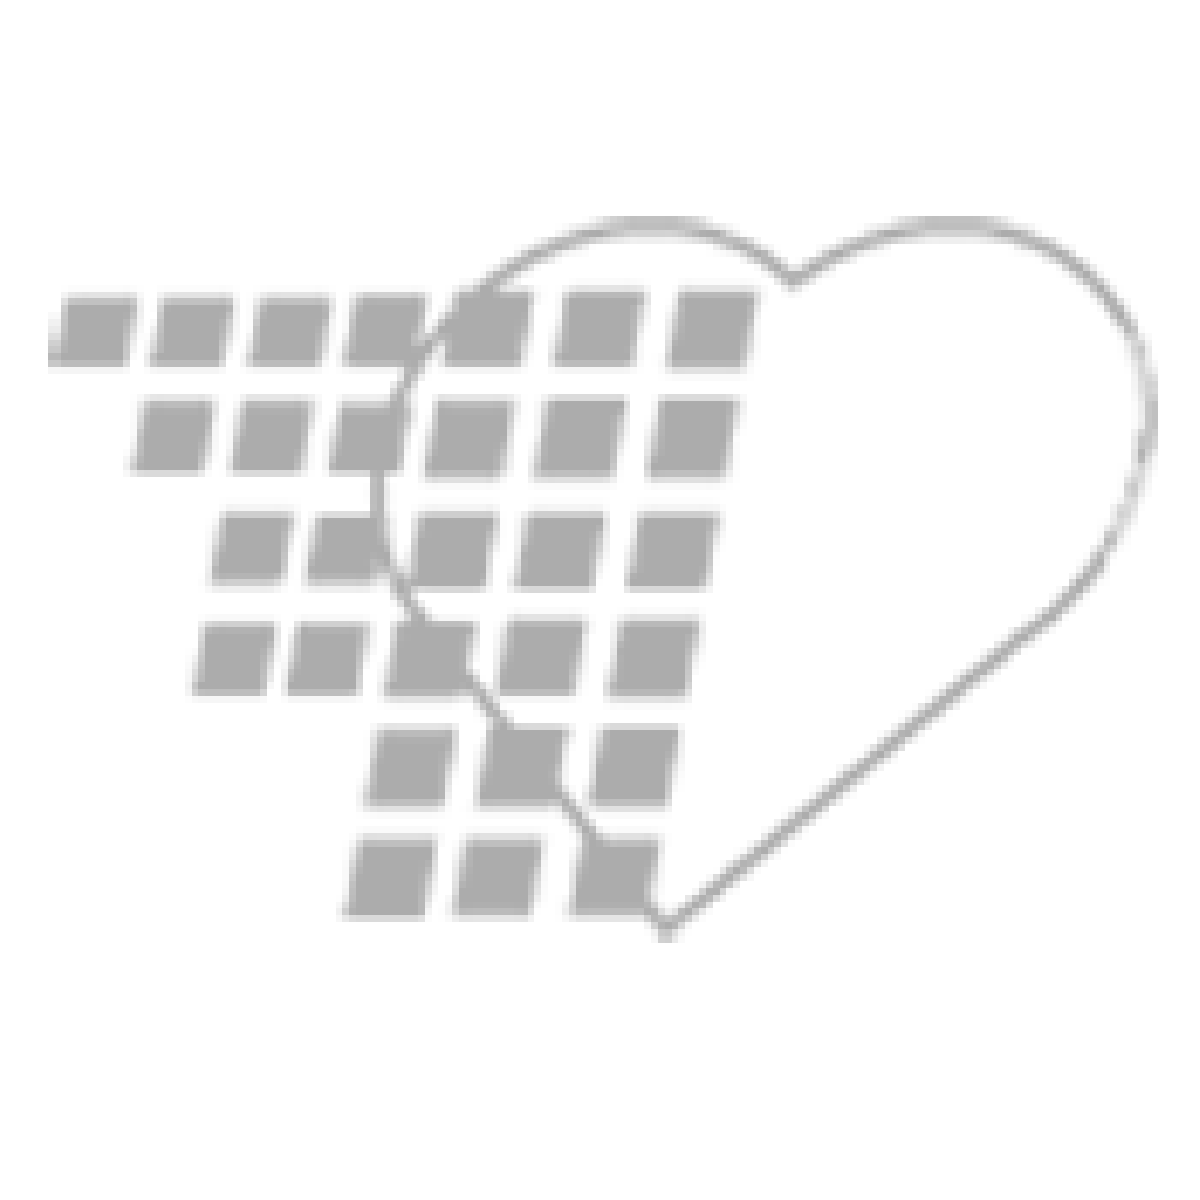 04-25-149 Divider for Pocket Nurse® Wire Basket Mobile Cart